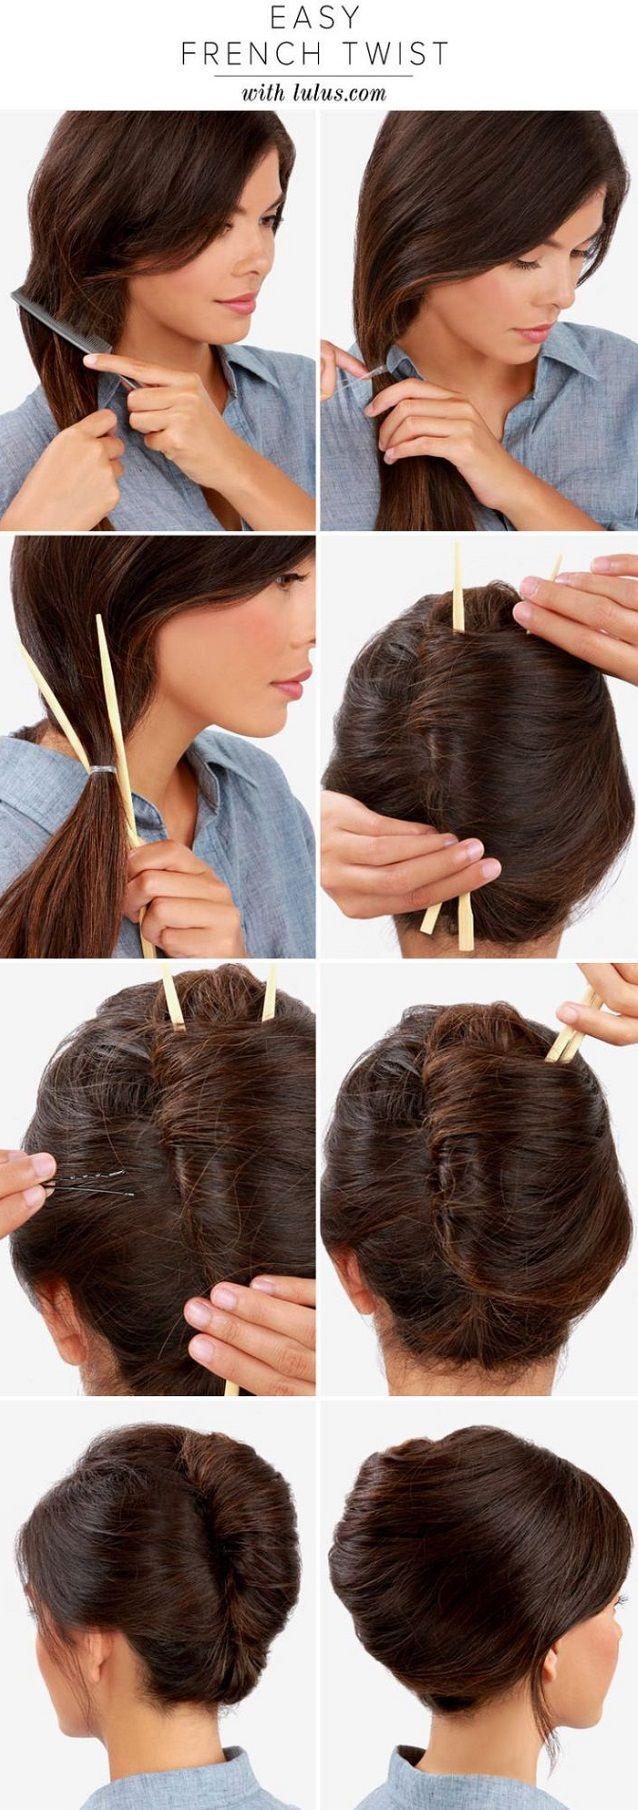 Make A French Twist Hairstyle Using Chopsticks Frisuren Ausgefallene Frisuren Und Frisur Hochgesteckt